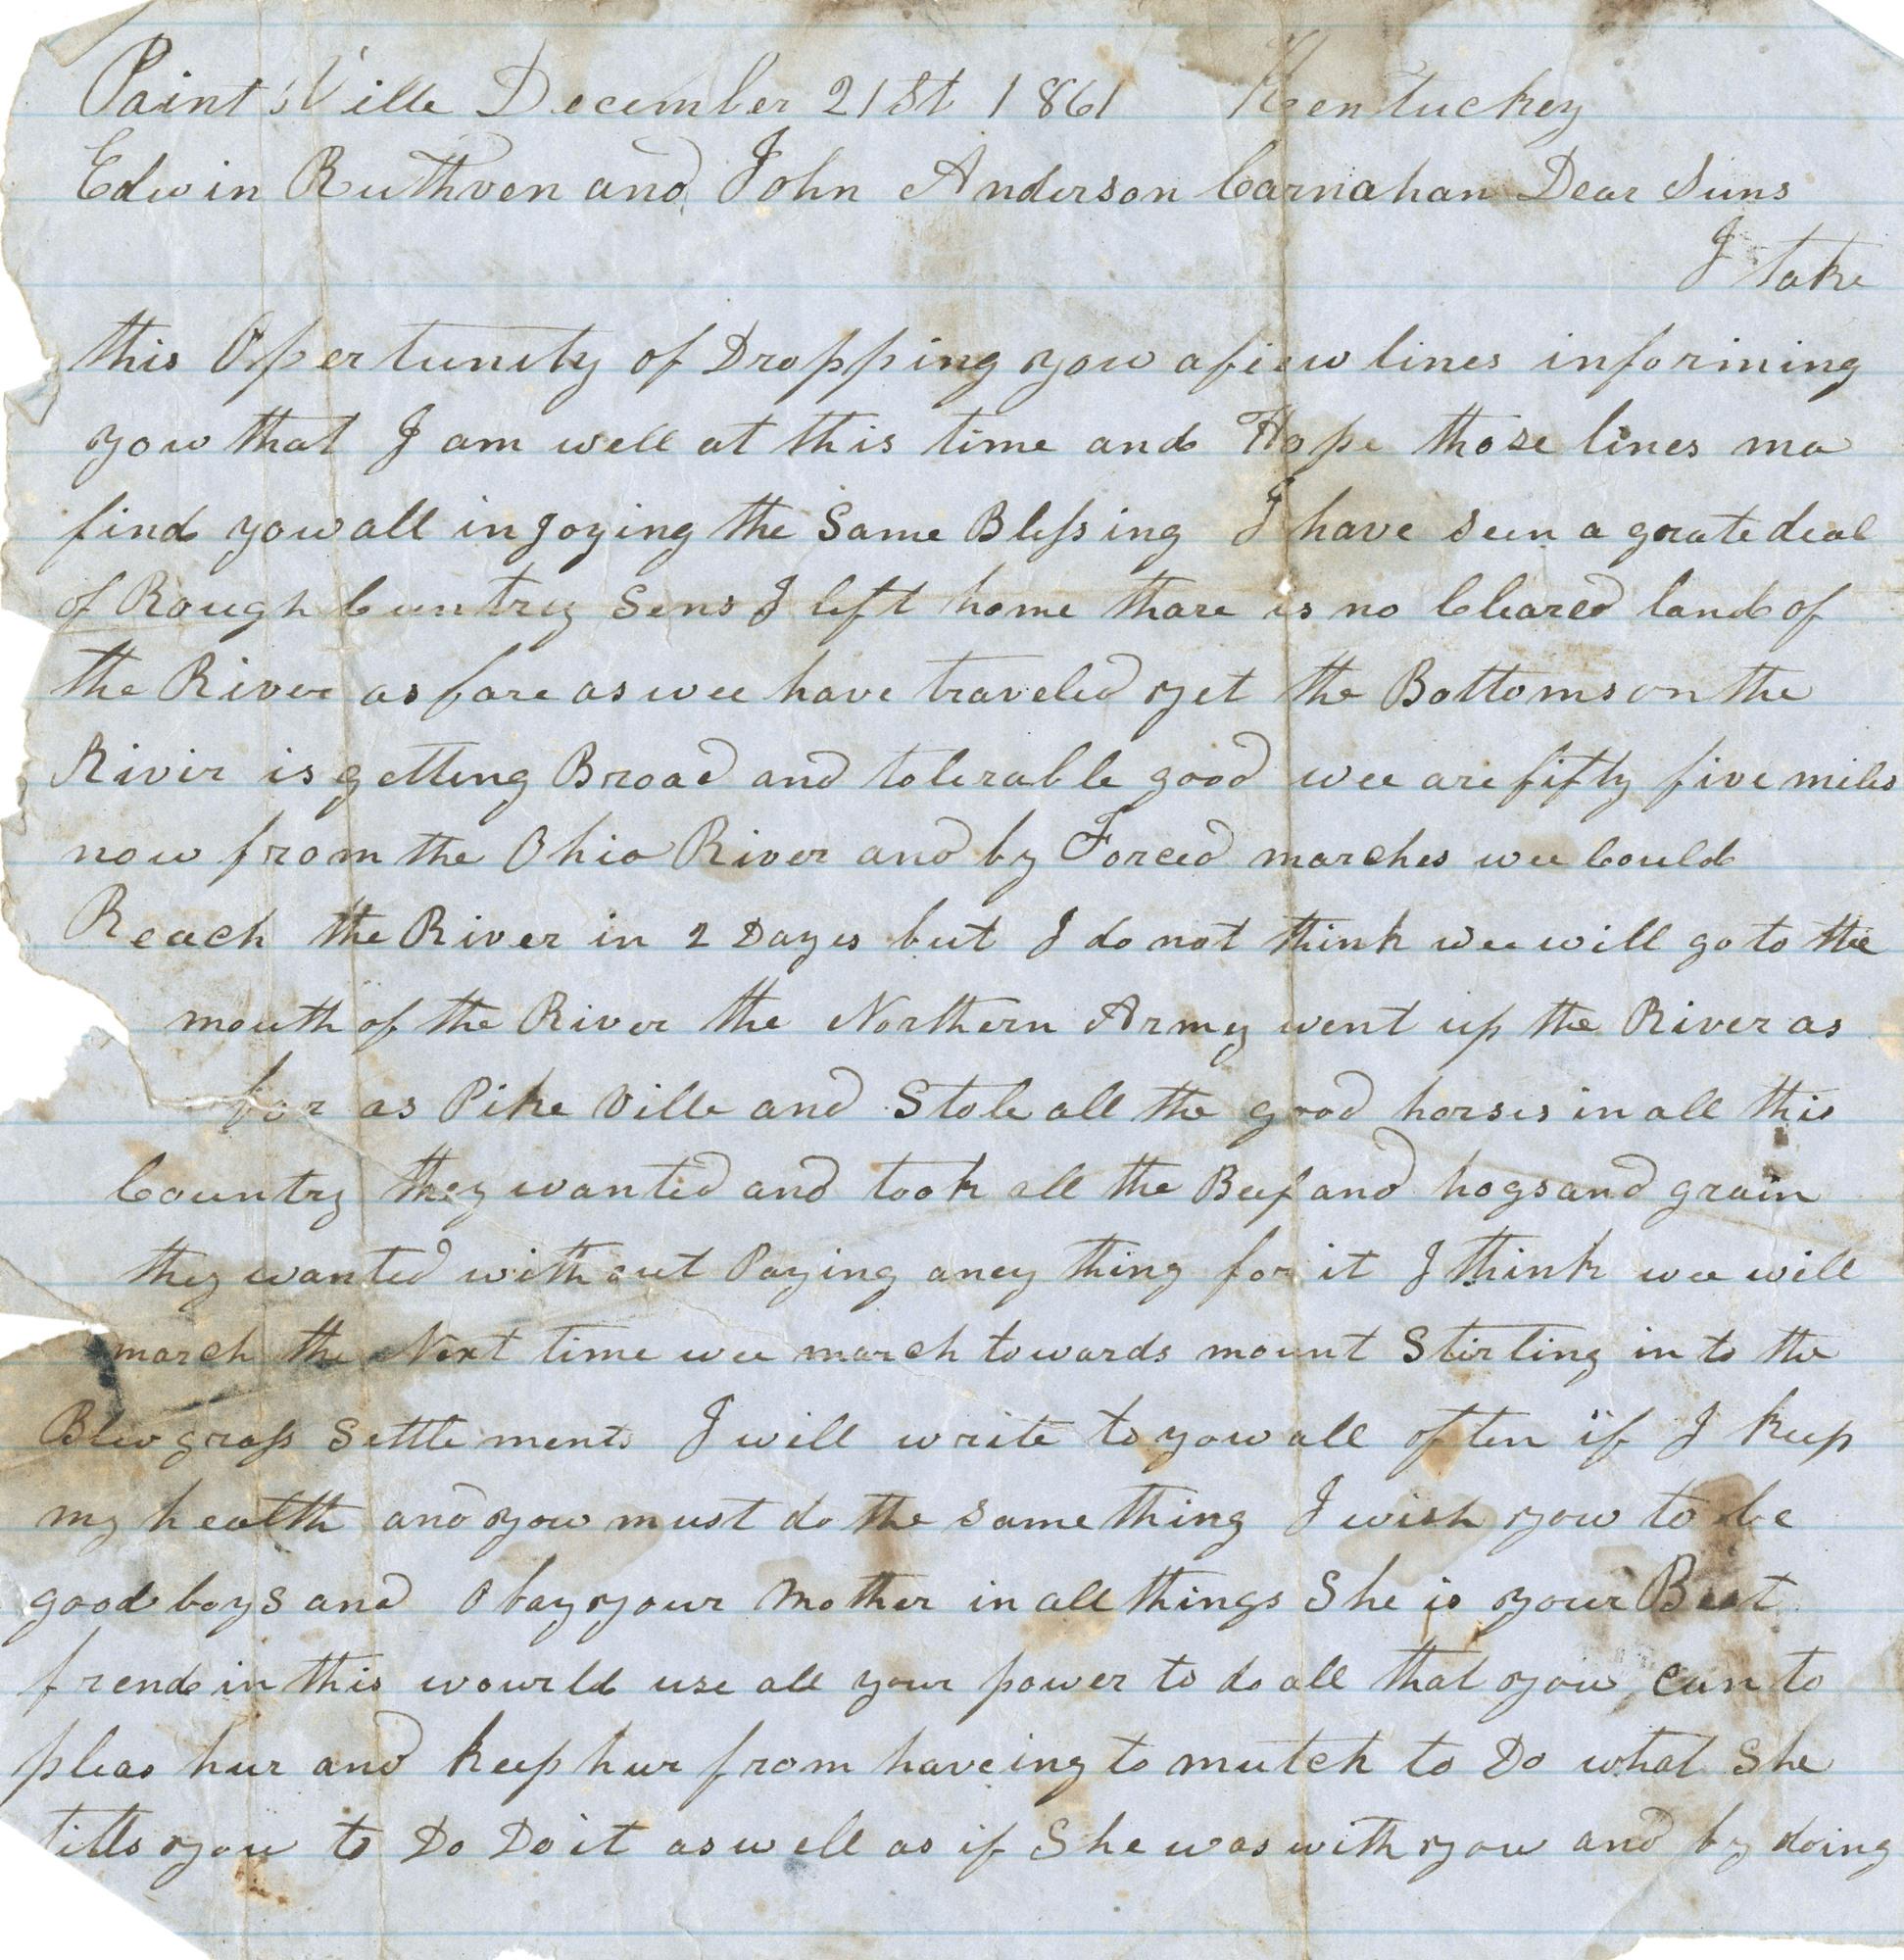 Ms2009-112_CarnahanJohnNewton_Letter_1861_1221a.jpg